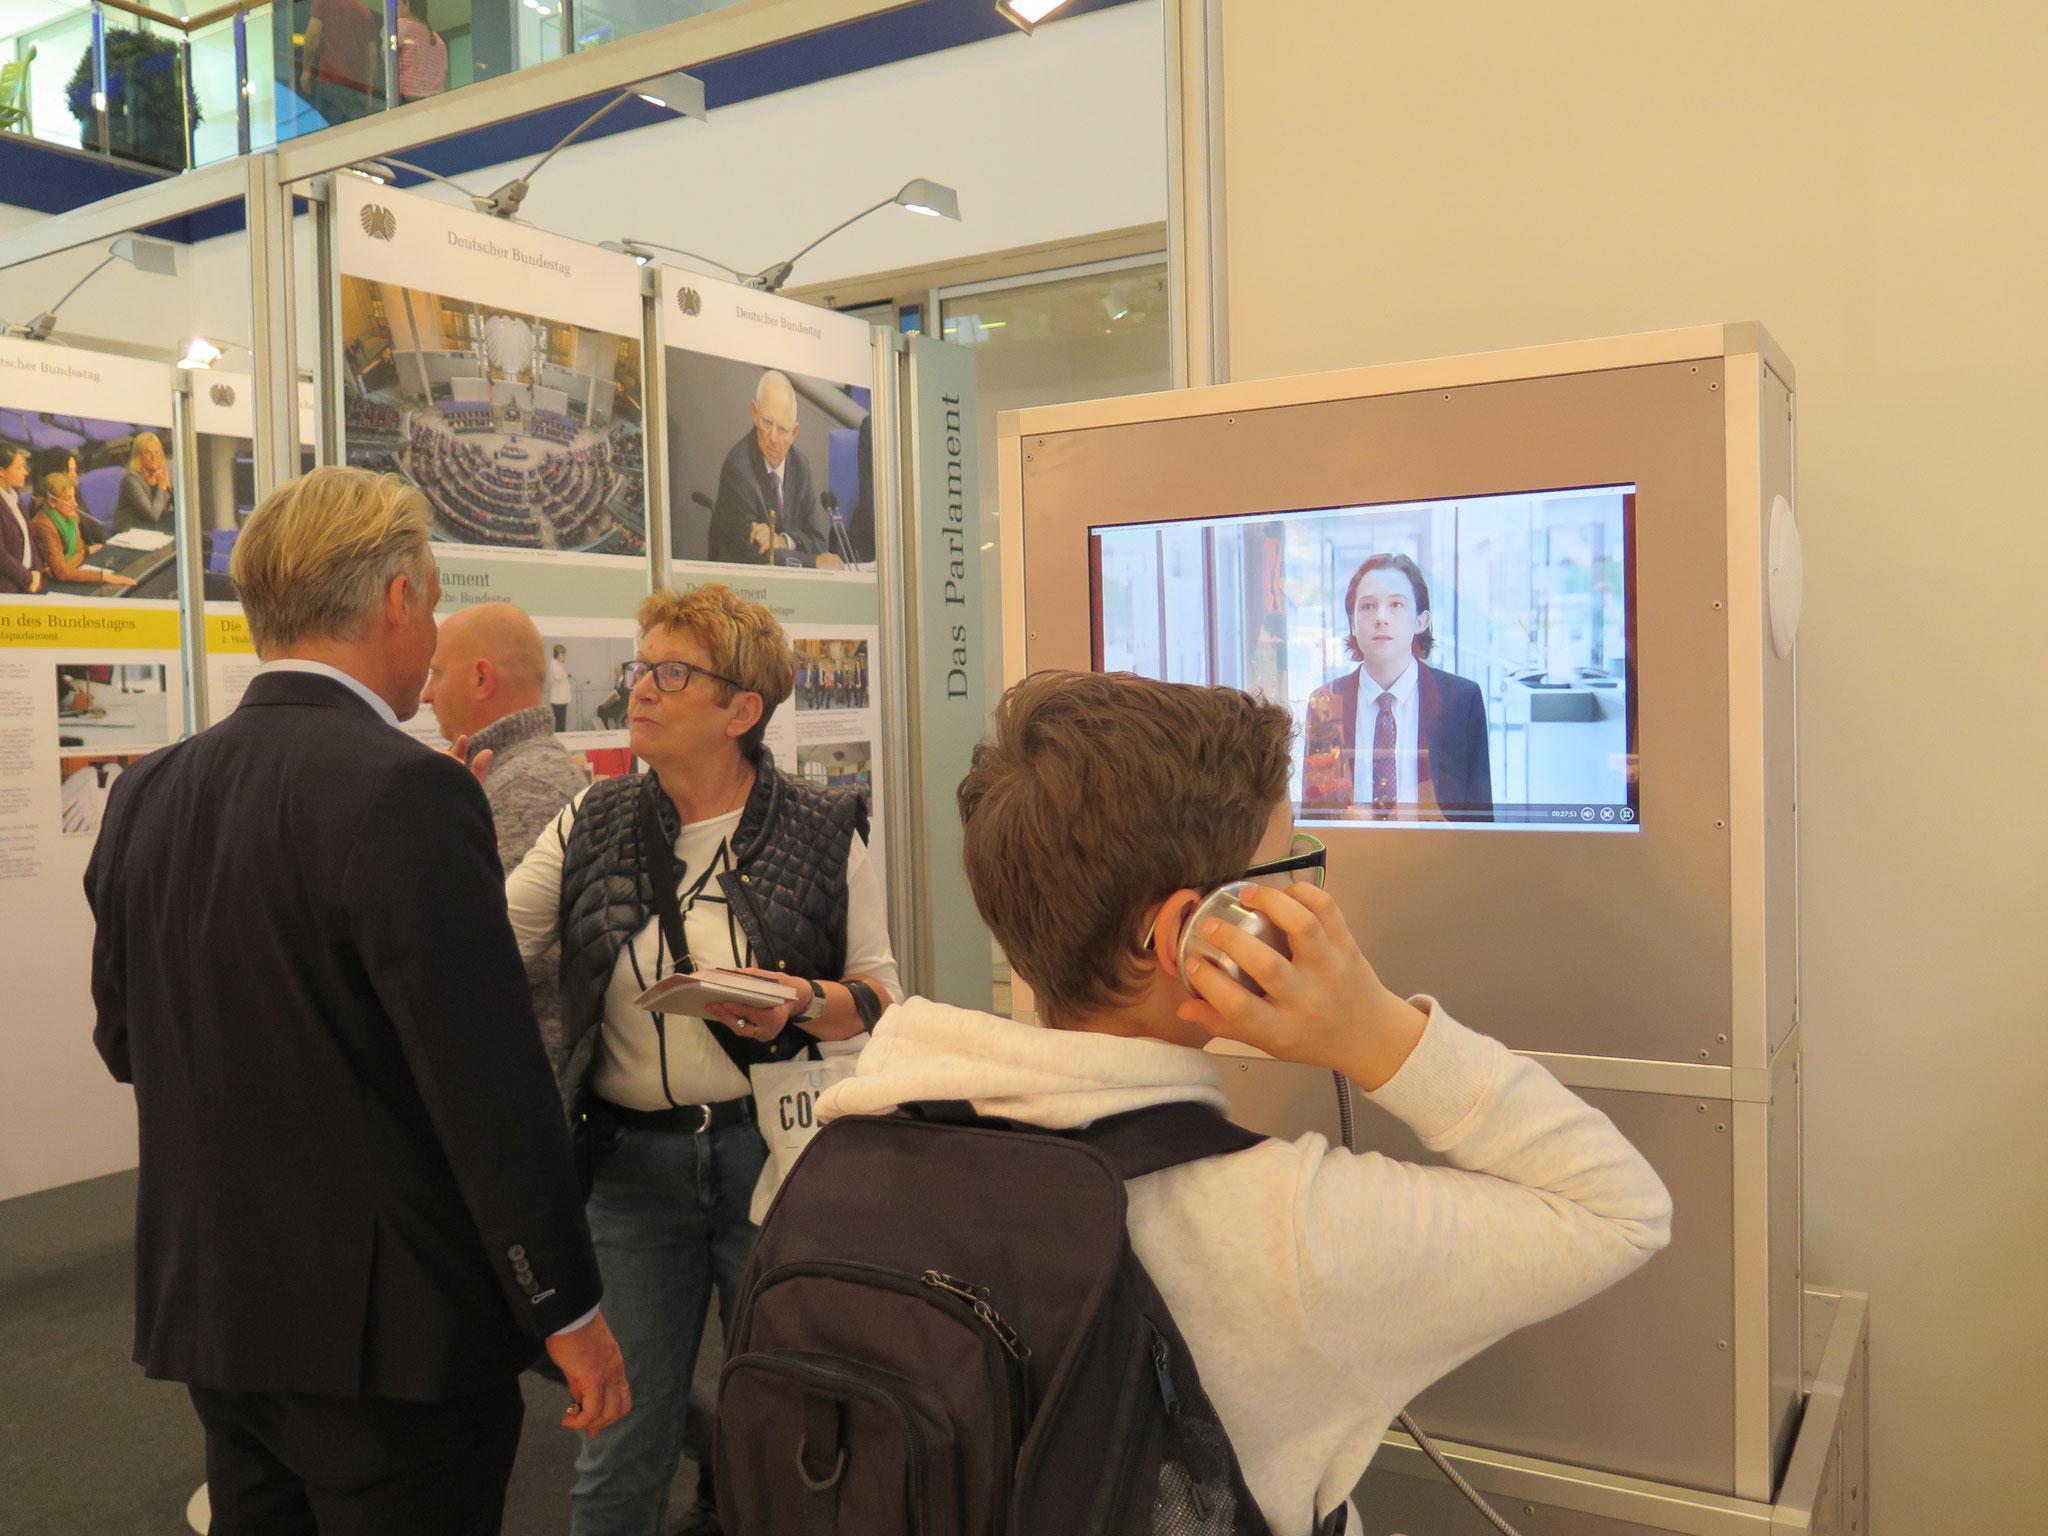 Auch an interaktiven Computerstationen können sich Besucher über den Deutschen Bundestag informieren.